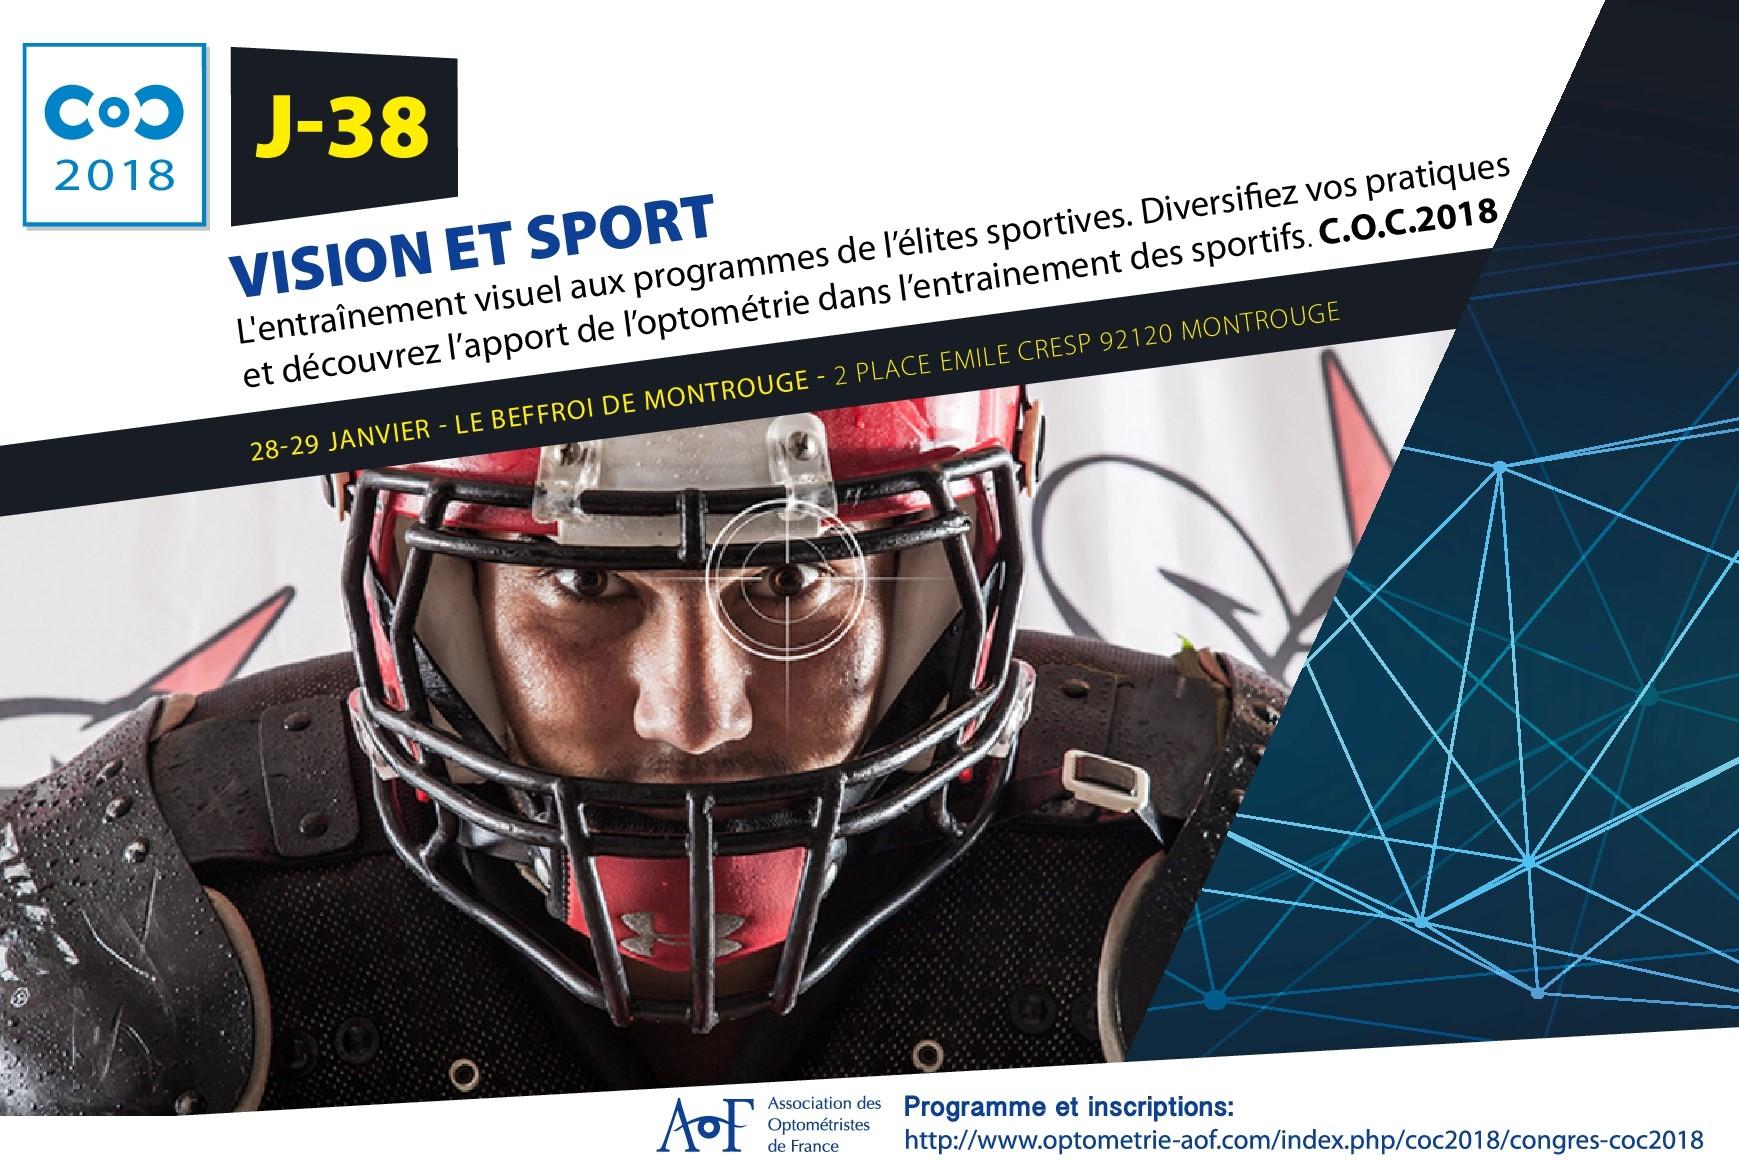 C.O.C 2018 J-38 : Vision et sport